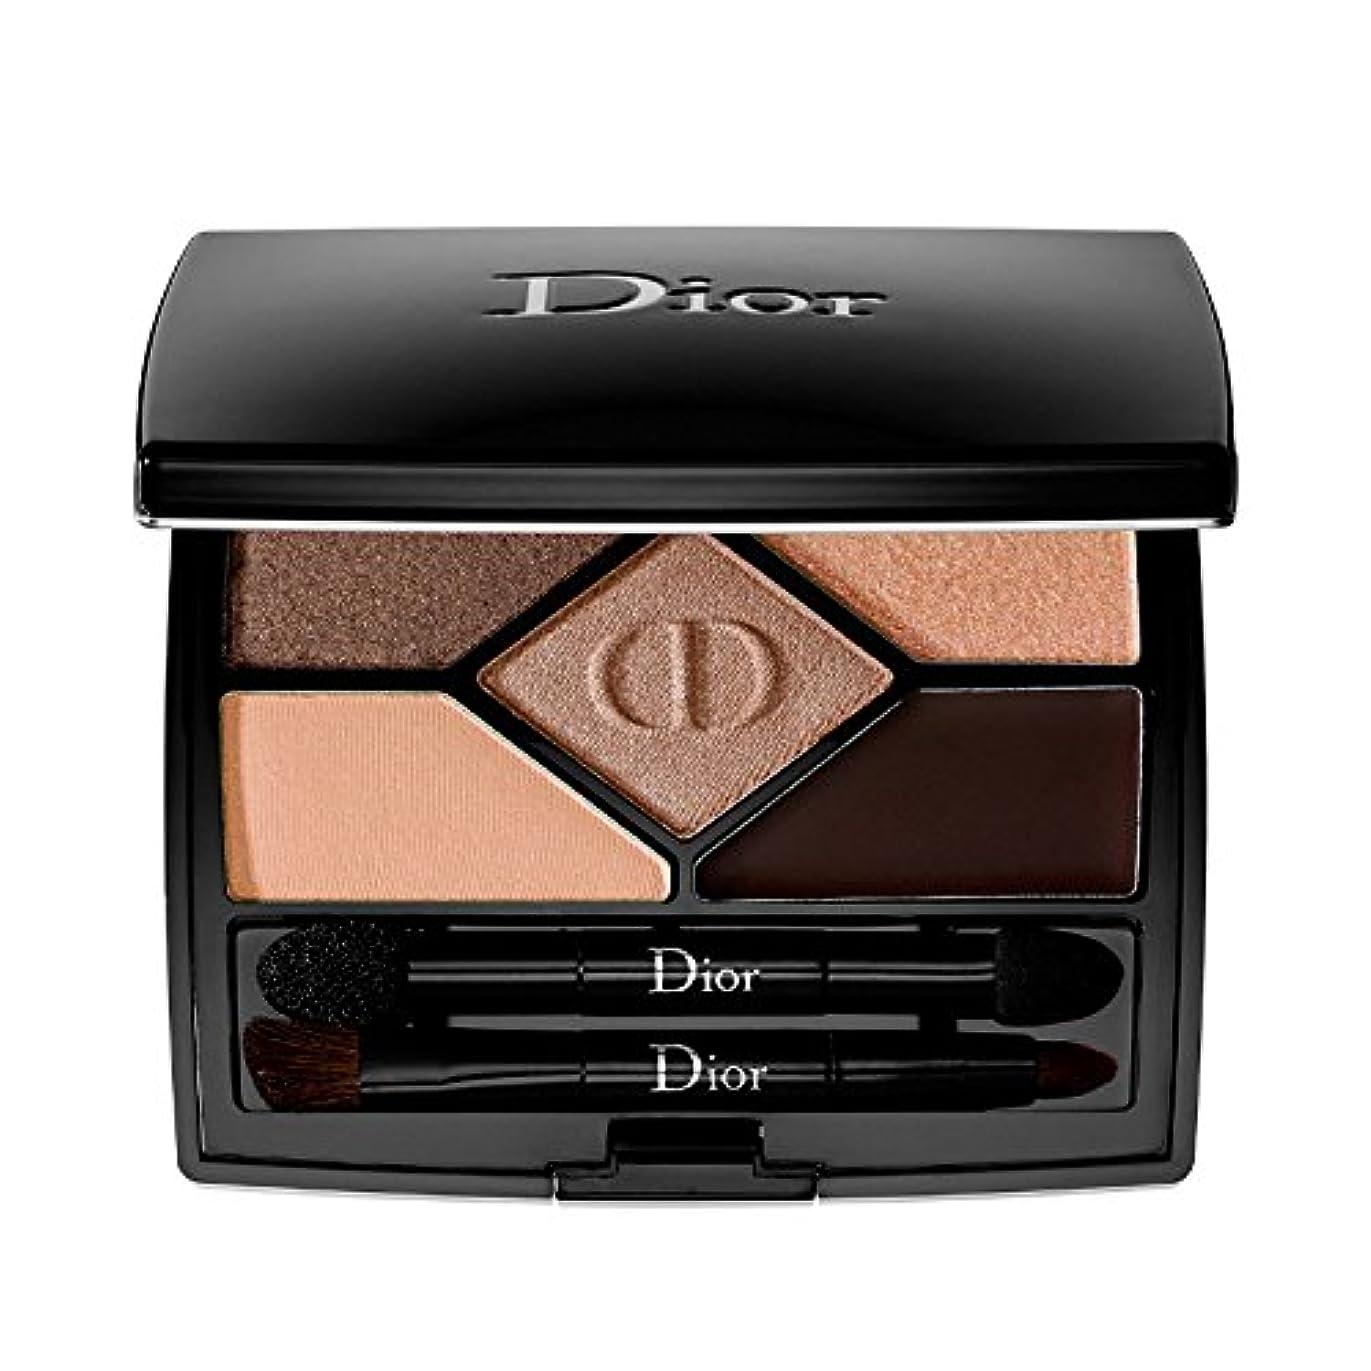 発症教科書効率クリスチャン ディオール(Christian Dior) サンク クルール デザイナー #708 アンバー デザイン 5.7g[並行輸入品]